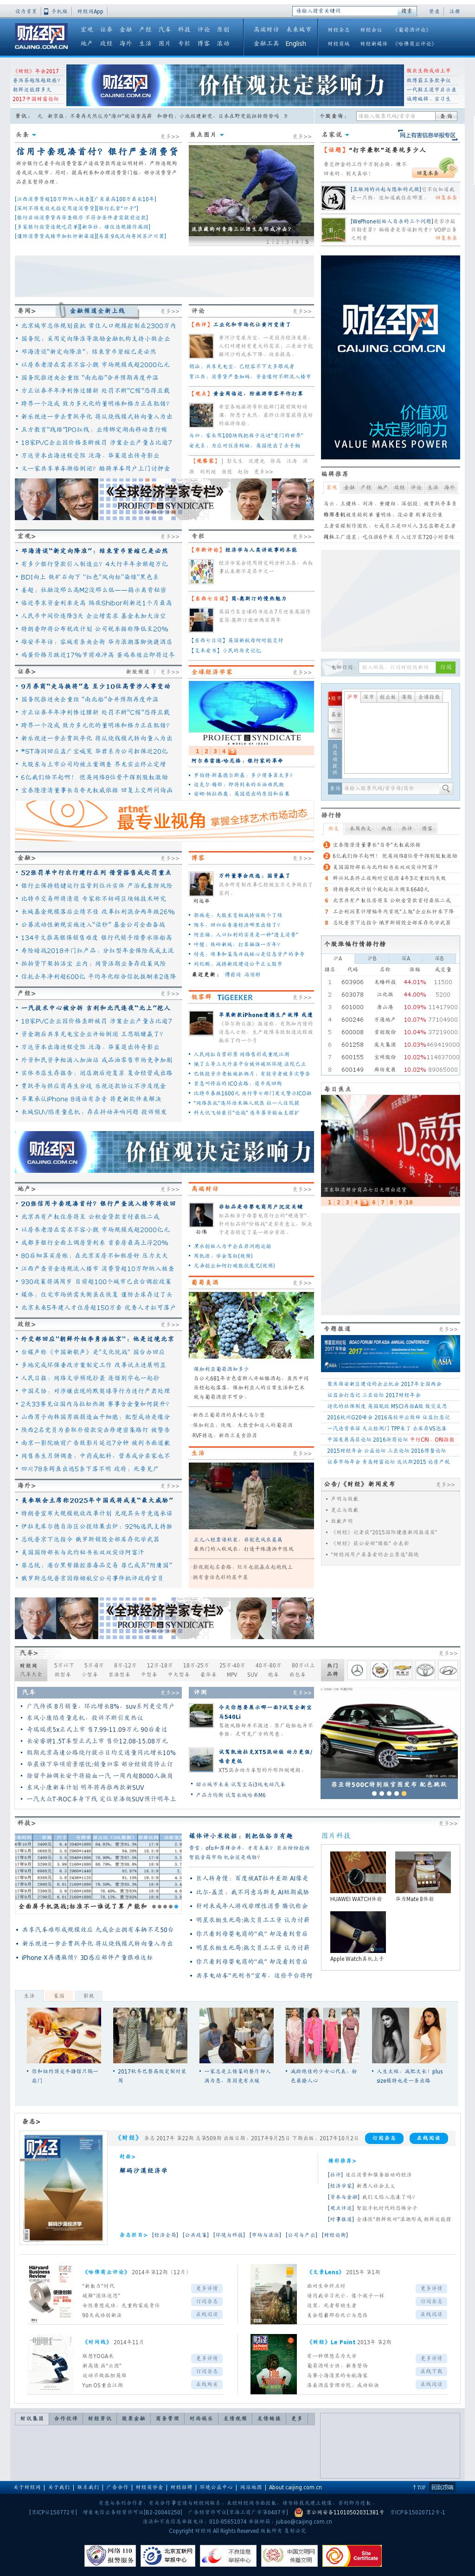 Caijing at Thursday Sept. 28, 2017, 1 a.m. UTC